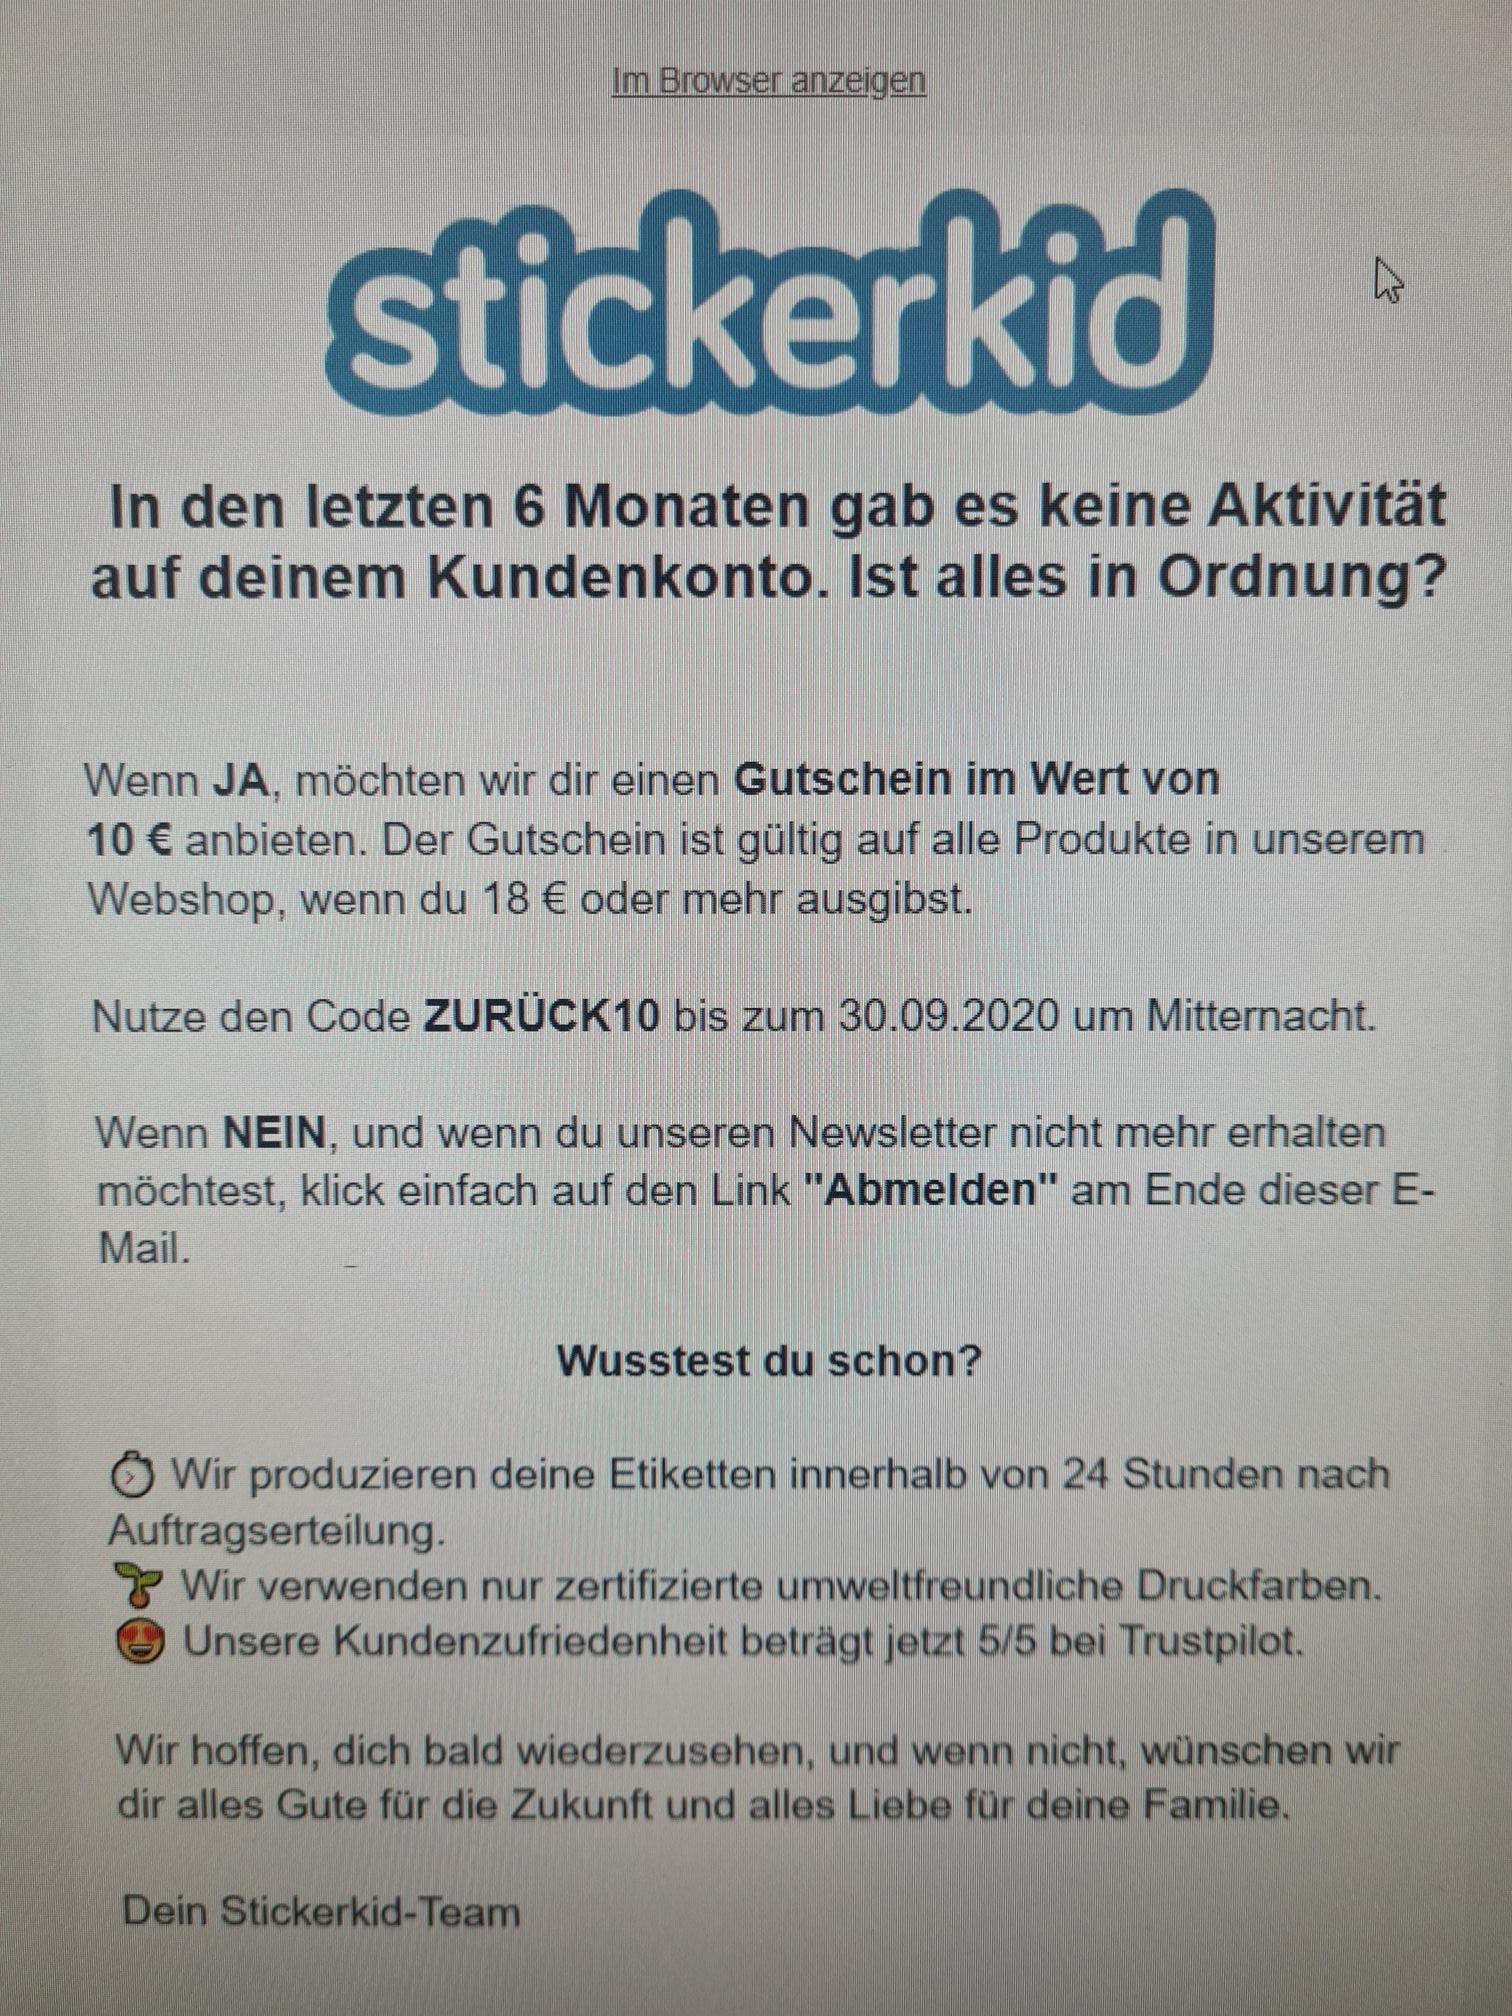 STICKERKID Gutschein - 10 €